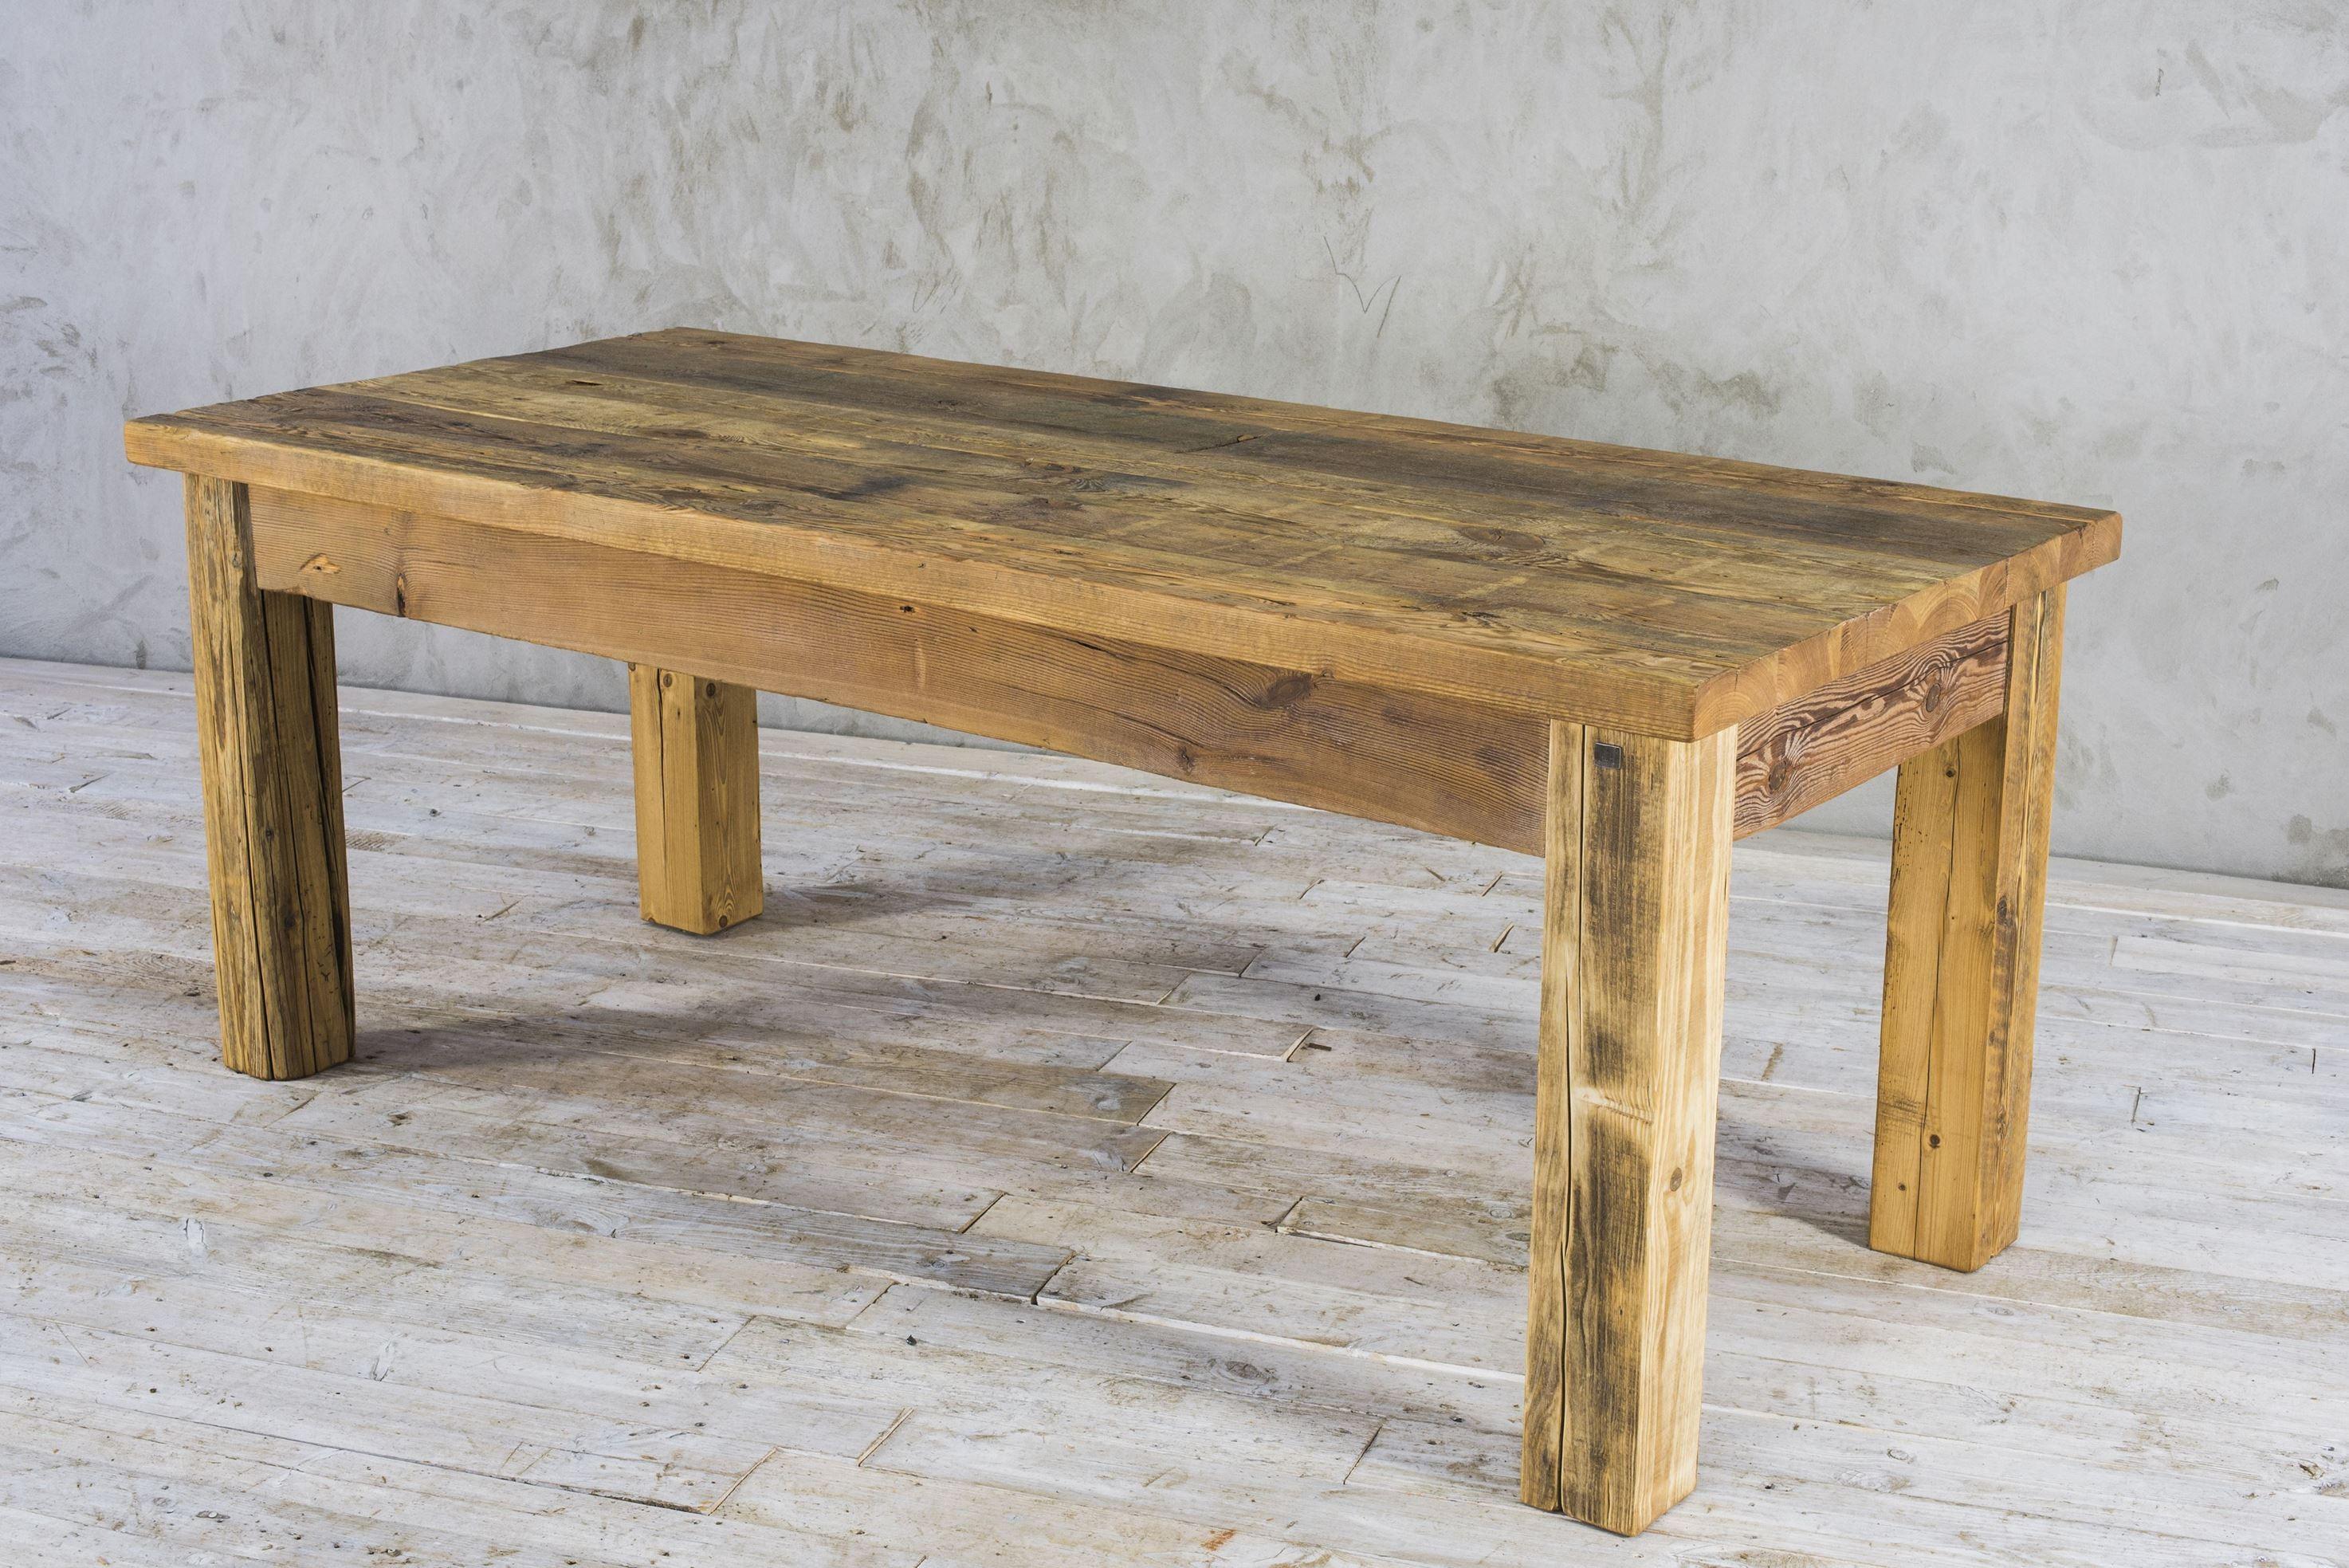 stol-drewniany-zachowana-stara-powierzchnia-no-268